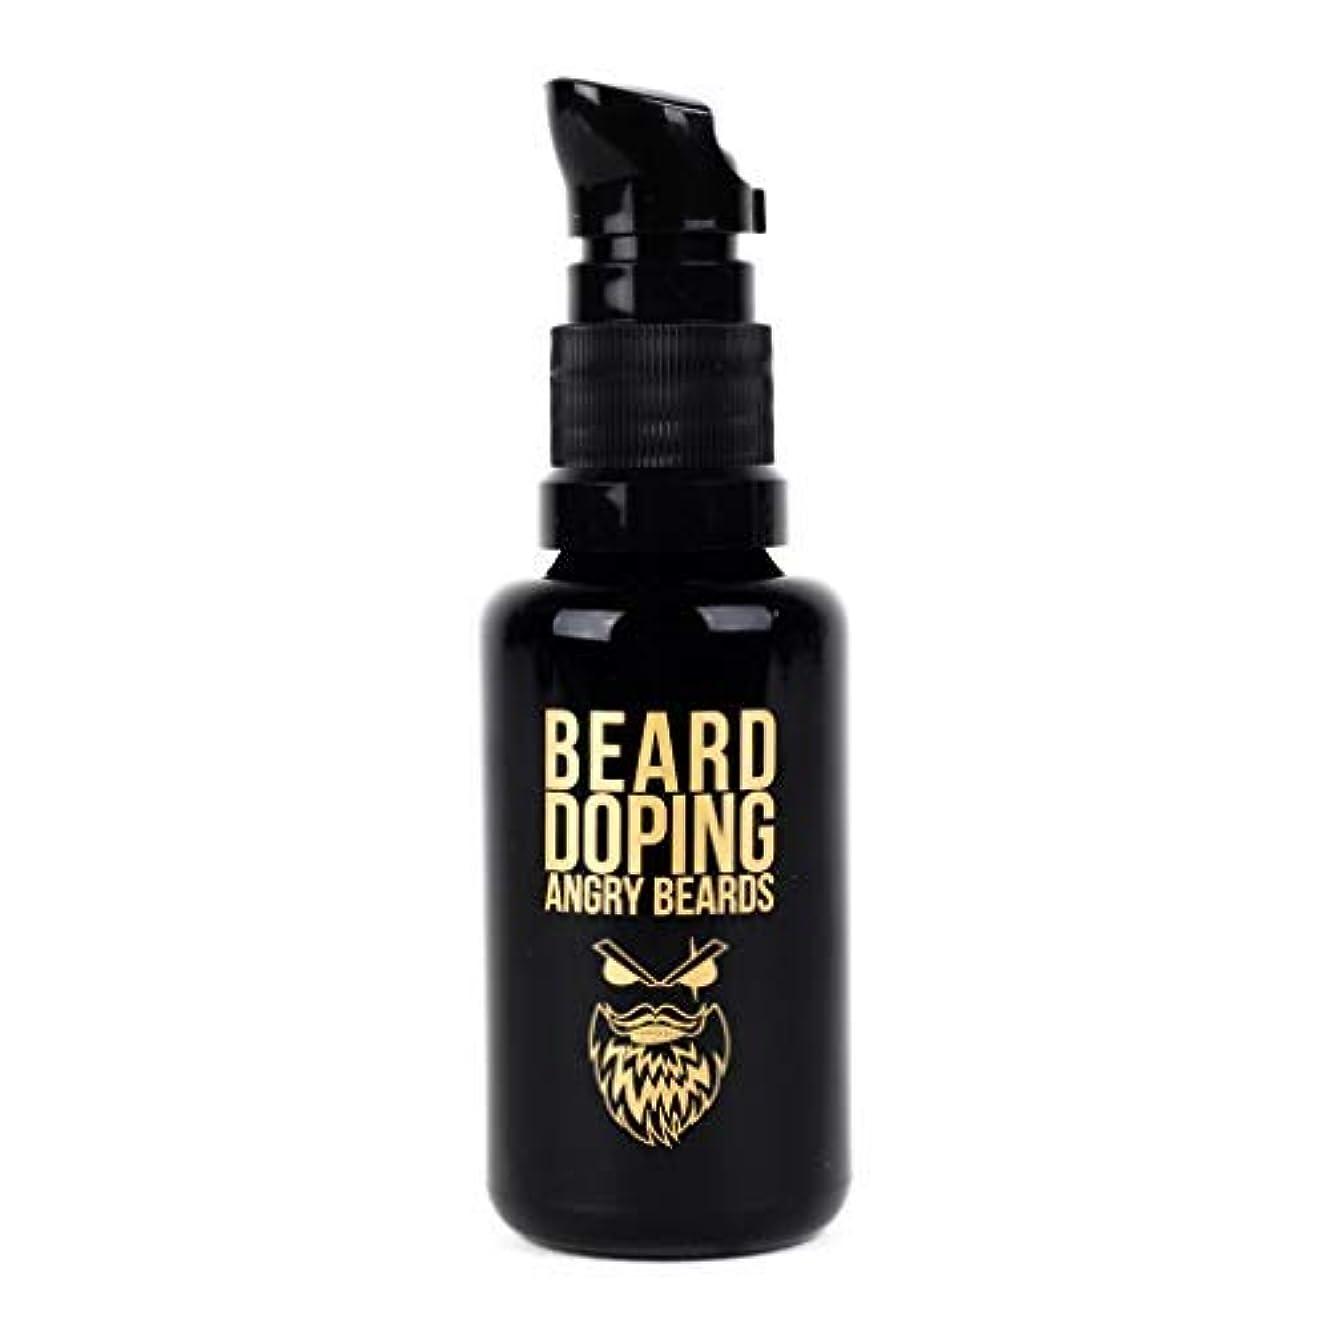 サワー出身地古風なBeard Doping for Growth by Angry Beards 30ml Made in Czech Republic / 成長のためのひげドーピング怒っているひげ30mlチェコ共和国製